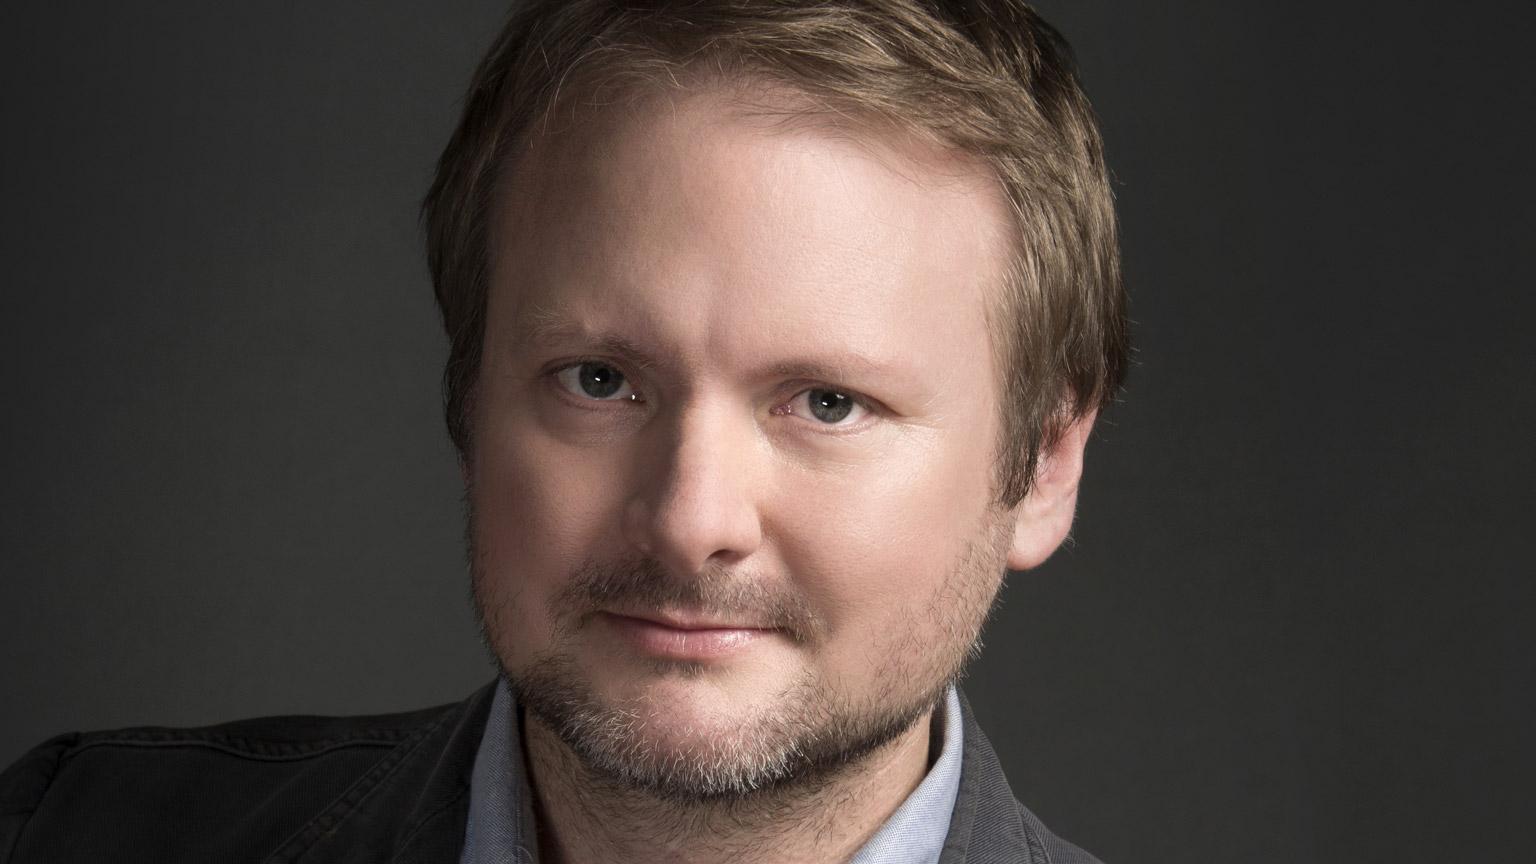 New Star Wars Trilogy creator Rian Johnson headshot